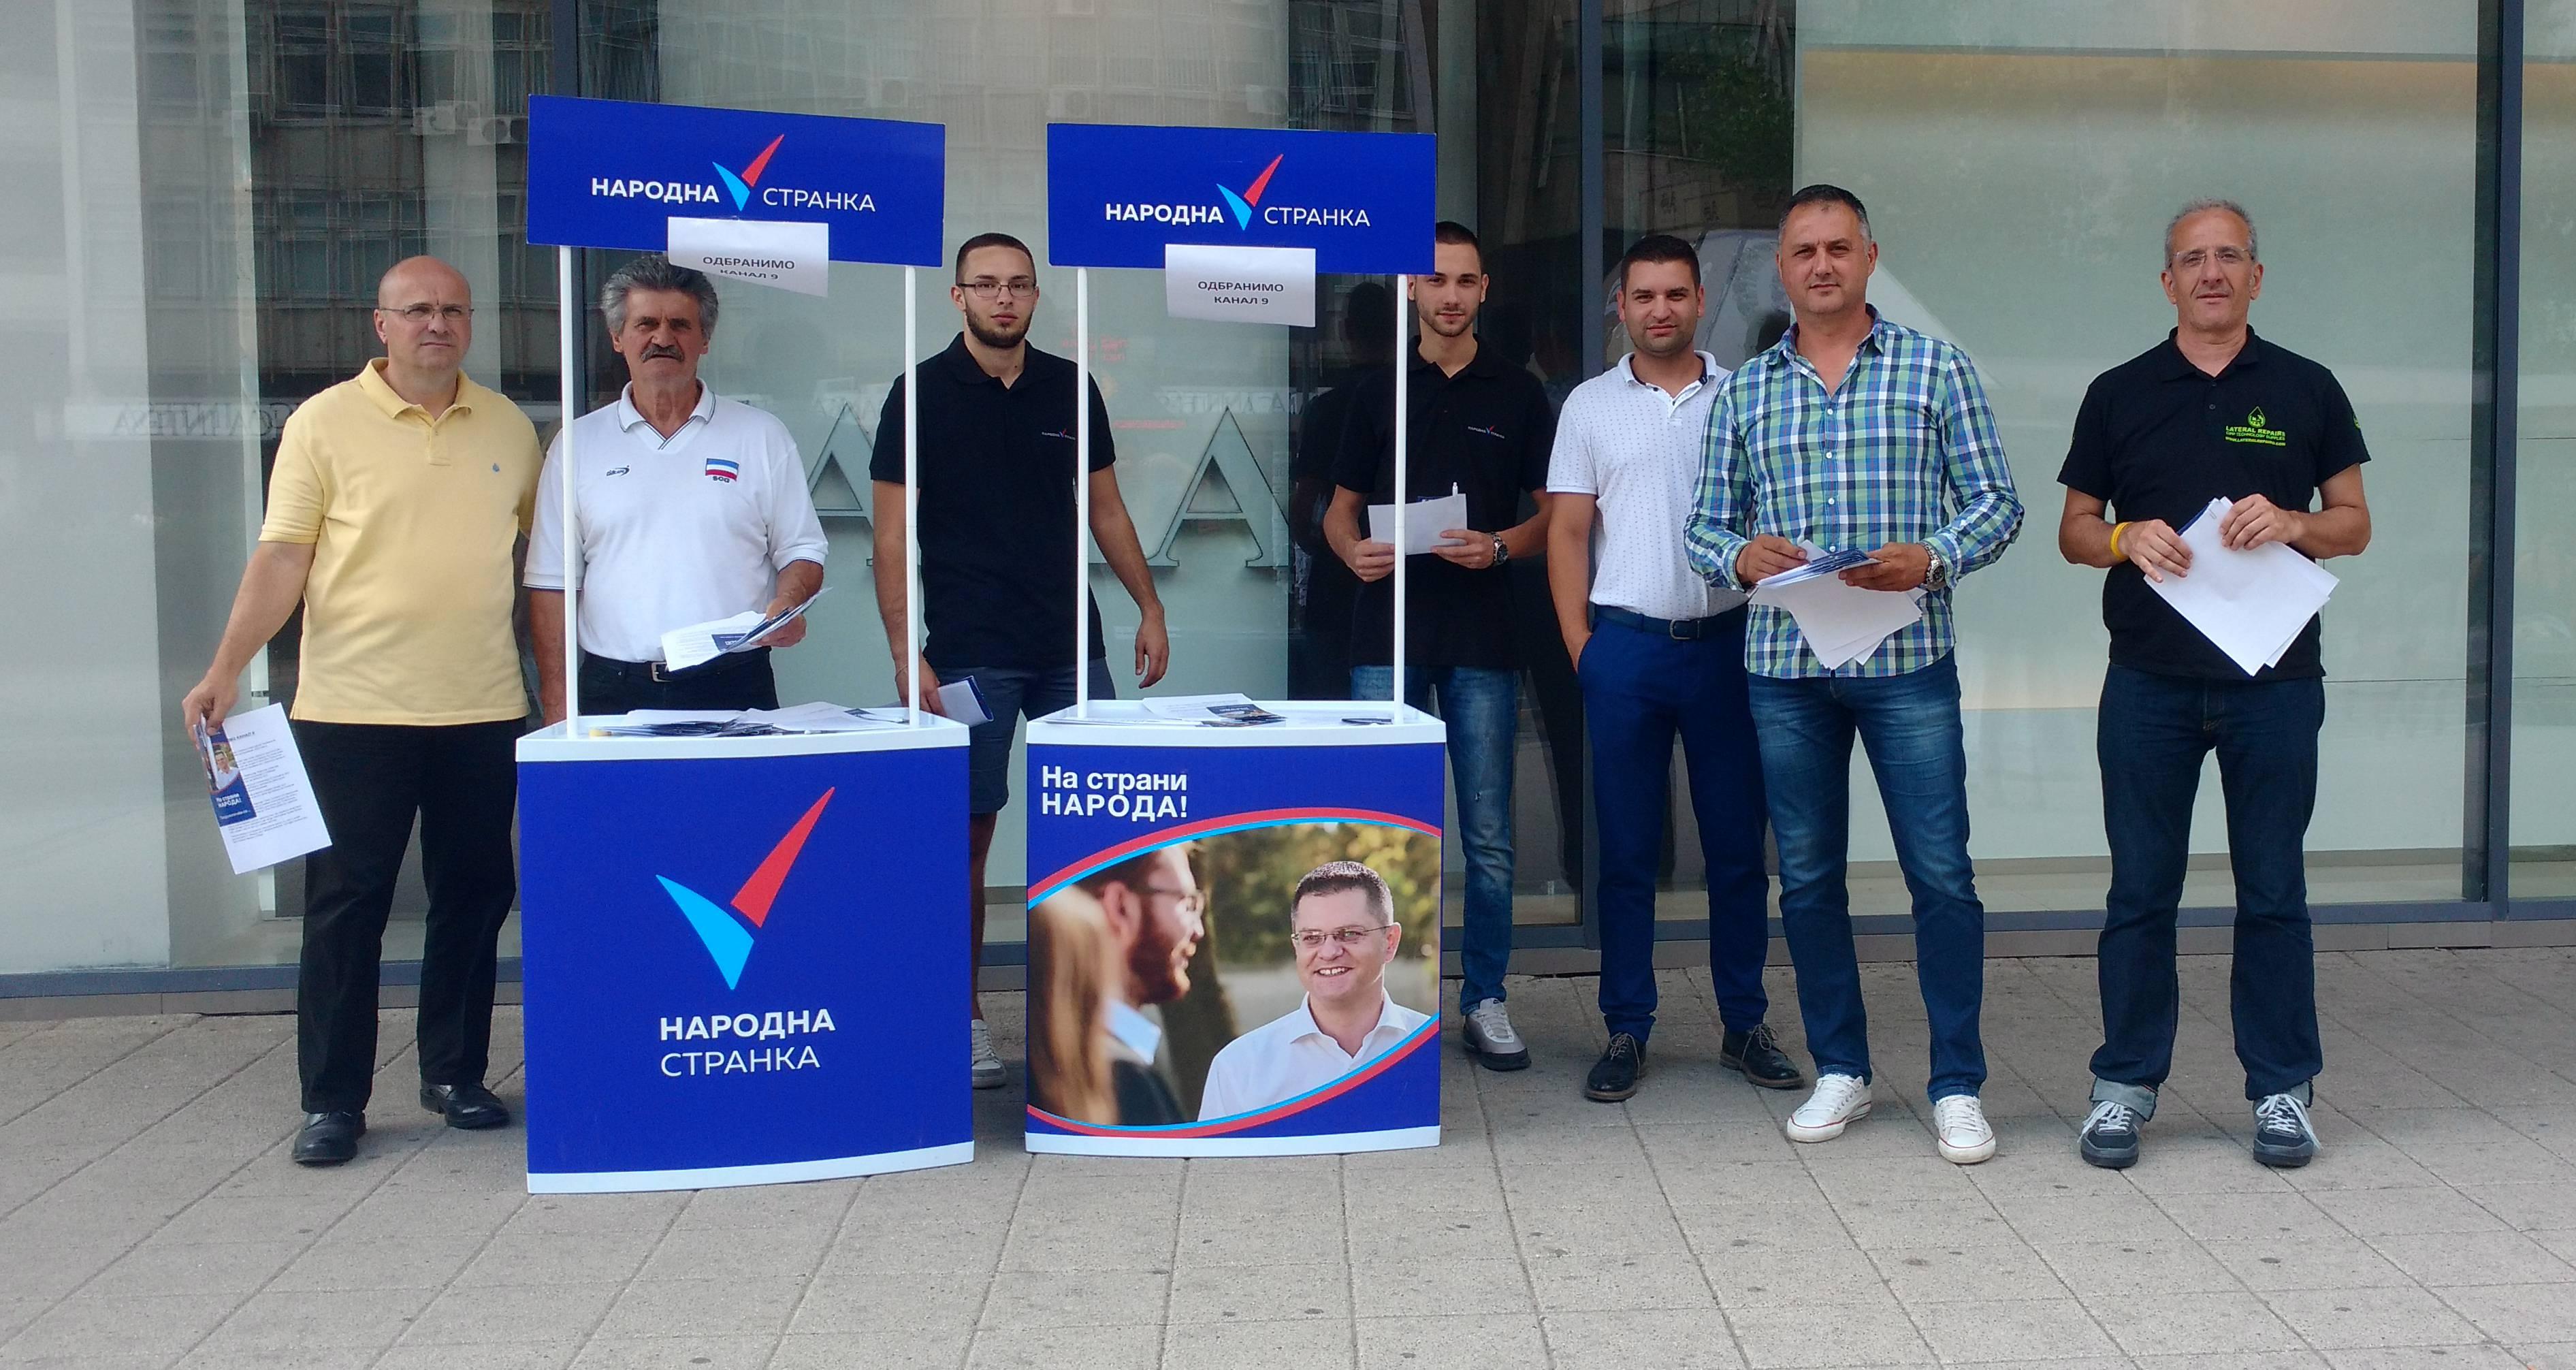 Новаковић: Вучић гаси медије, али неће успети да угаси незадовољство народа